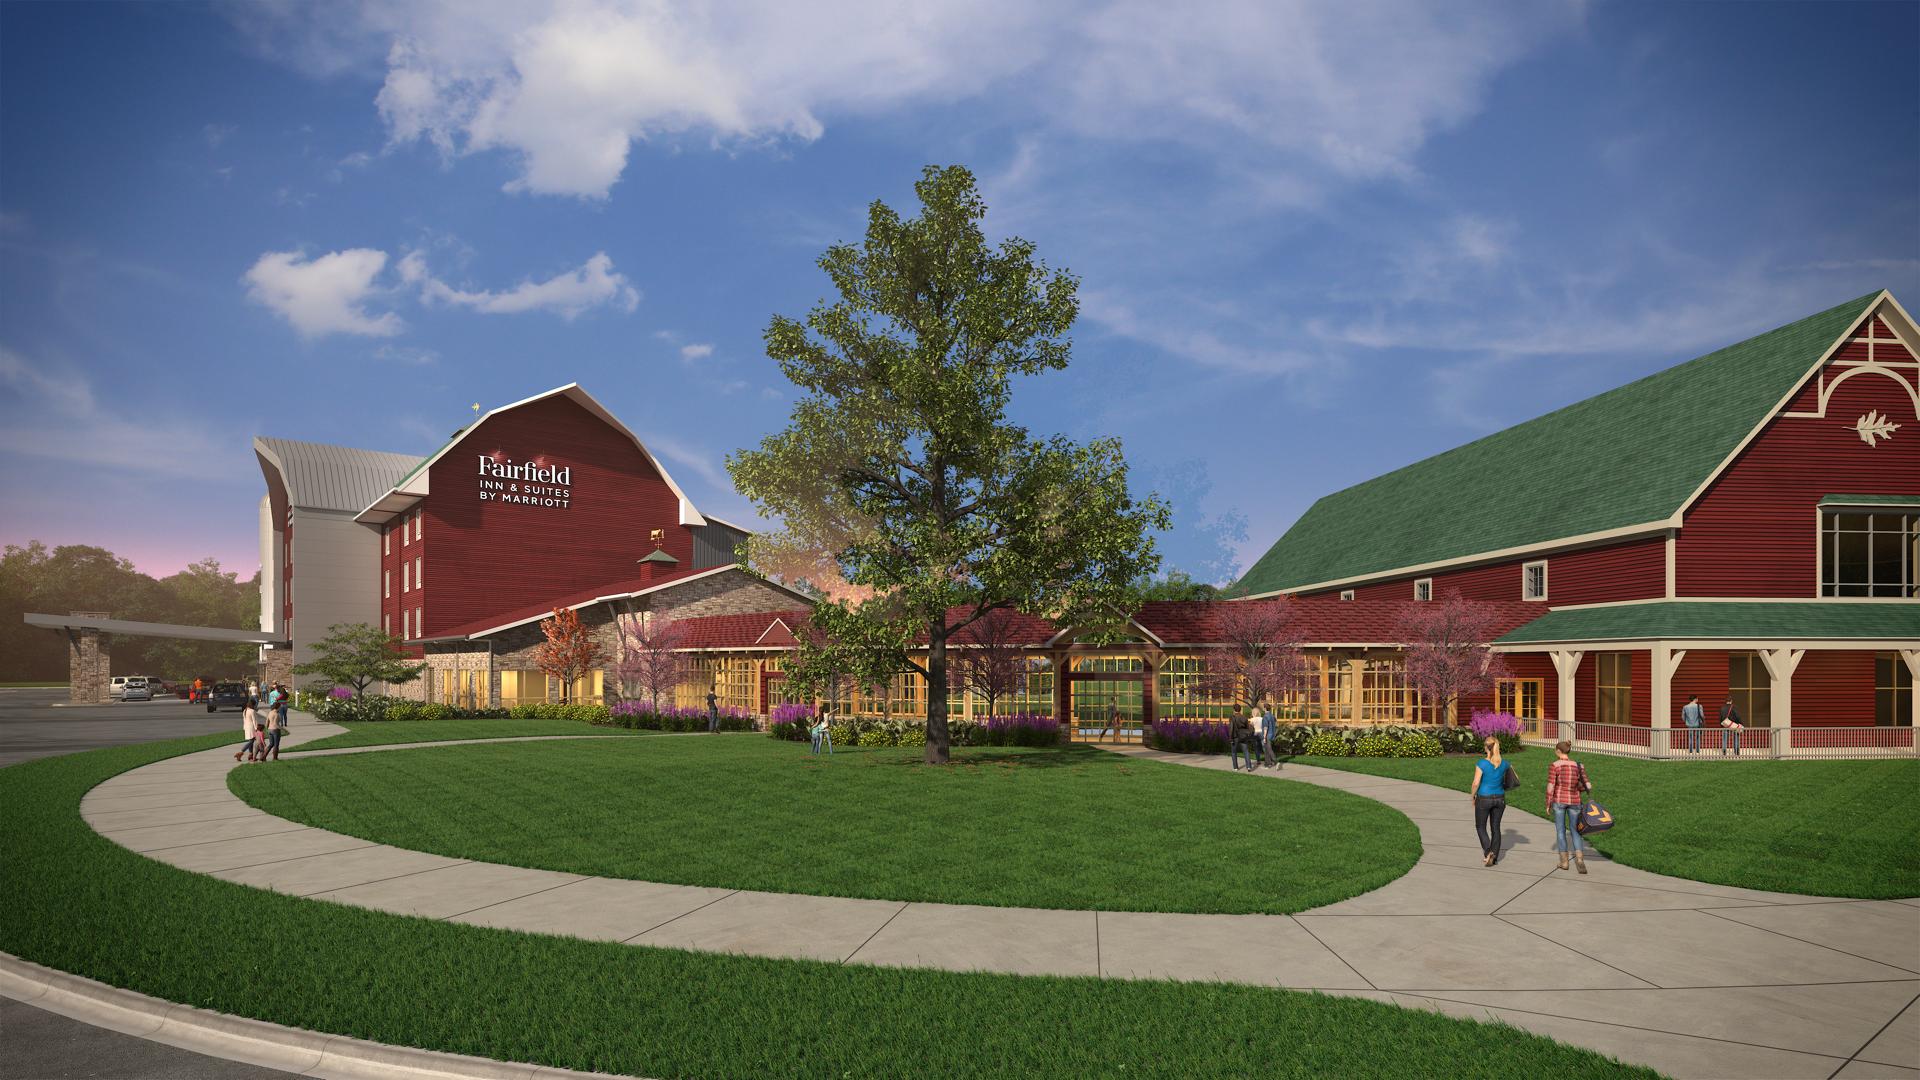 Fair Oaks Farms Marriott North v04.png